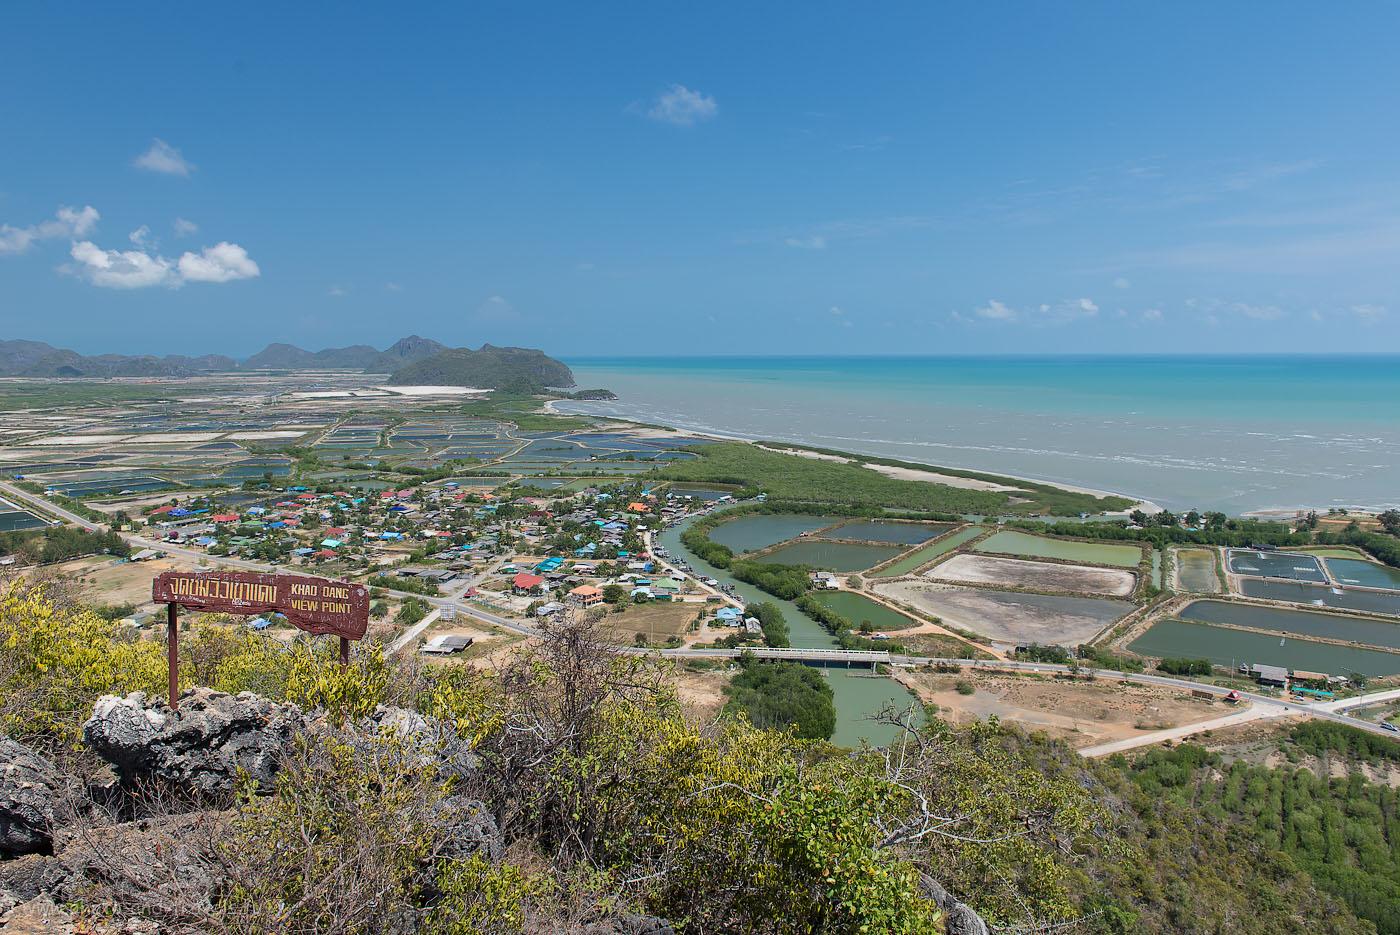 Фото 7. Вид со смотровой площадки Khao Daeng View Point в национальном парке Sam Roi Yot в Таиланде. Отзывы о самостоятельном отдыхе (100, 24, 8.0, 1/160)